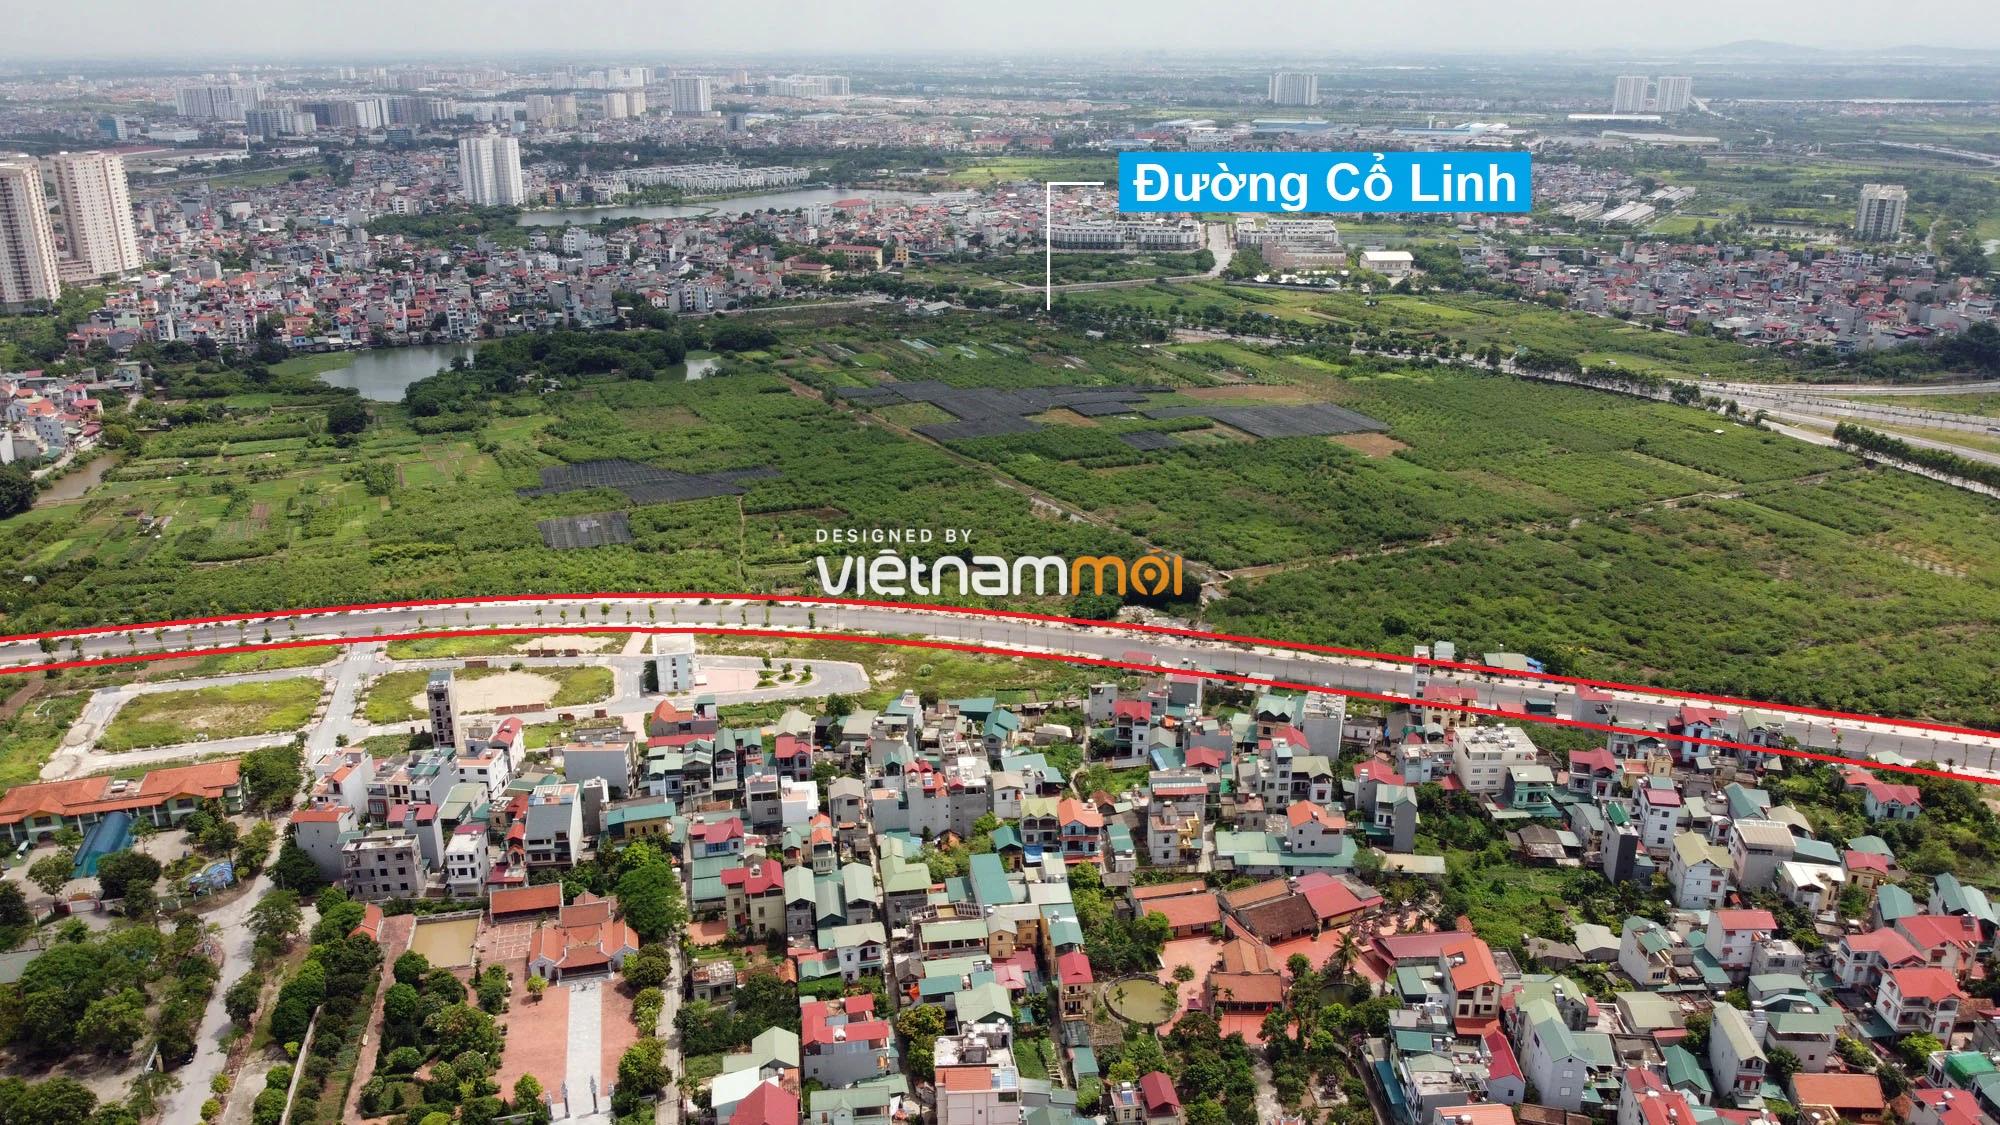 Toàn cảnh đường nối Bát Khối - QL1A đang mở theo quy hoạch ở quận Long Biên, Hà Nội - Ảnh 13.